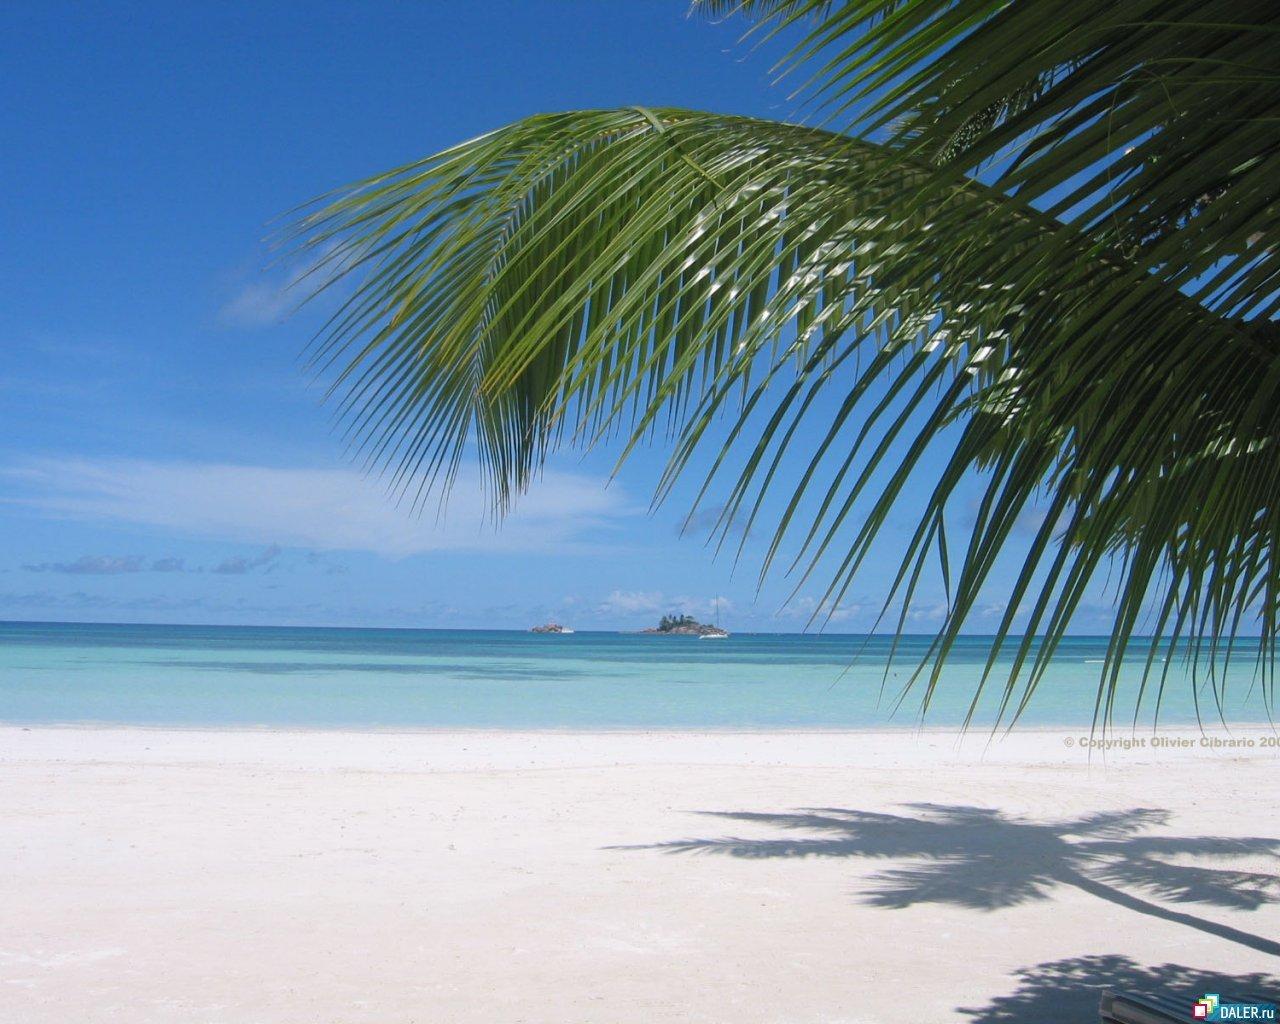 12663壁紙のダウンロード風景, 木, 海, ビーチ, パームス, 夏-スクリーンセーバーと写真を無料で